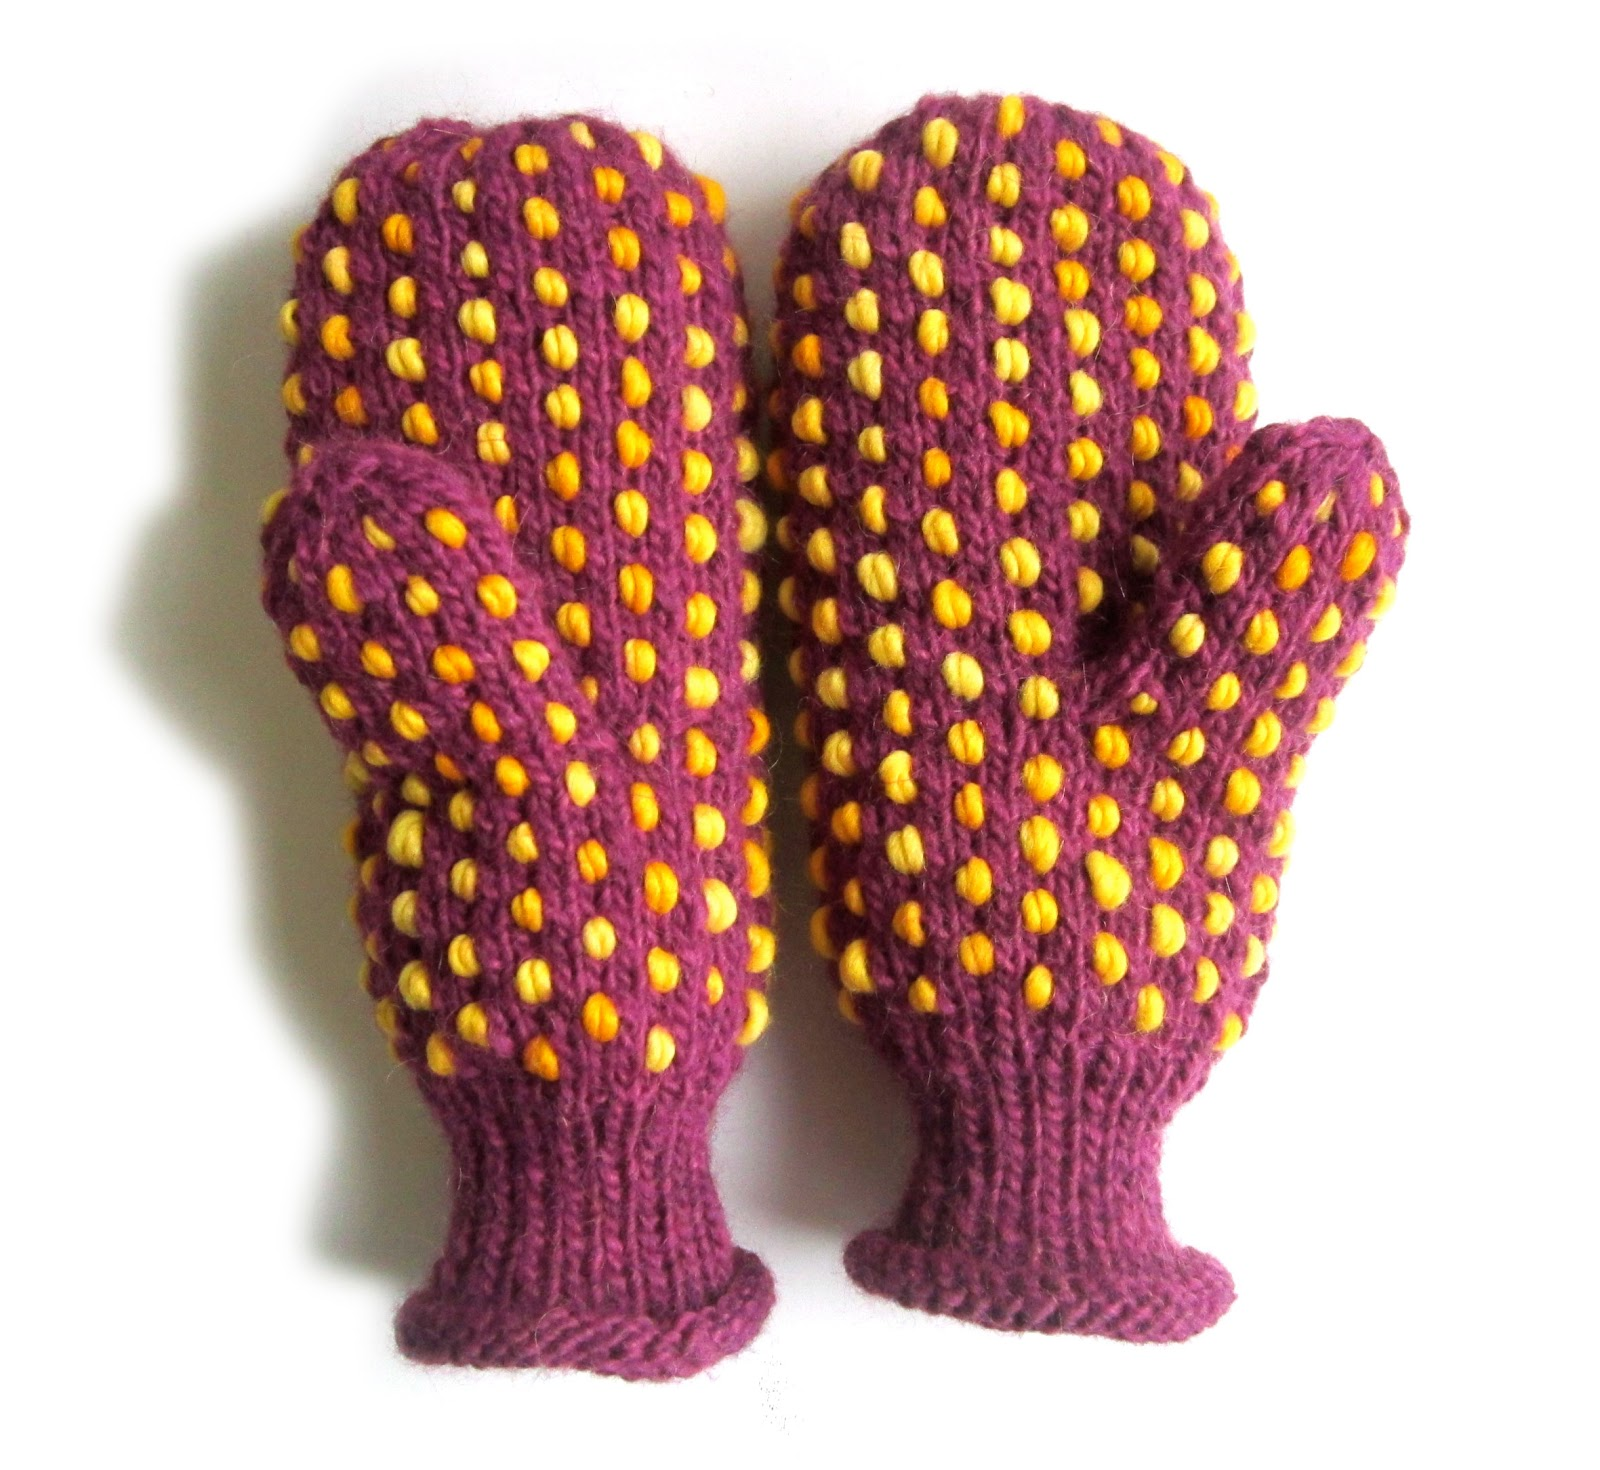 Knitting Pattern For Small Mittens : TECHknitting: Stuffed Mittens